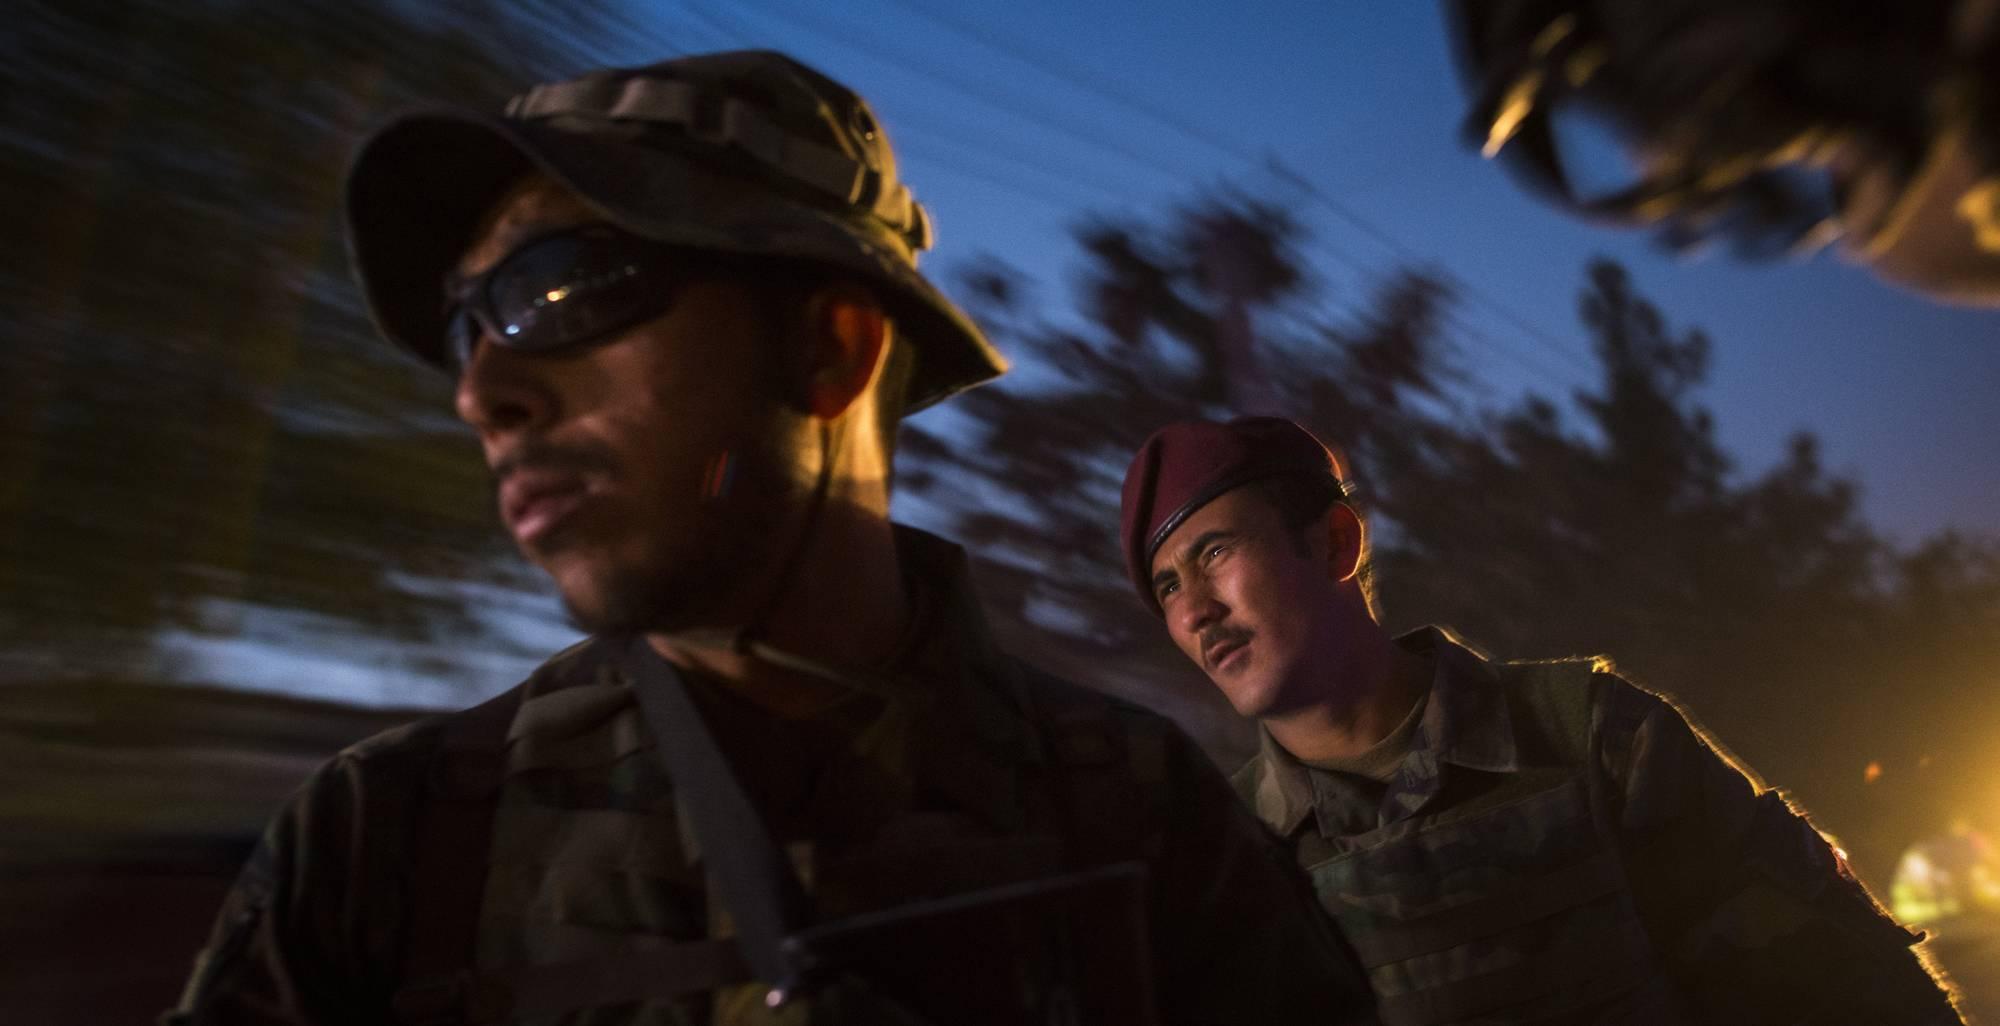 ABD'nin iki seçeneği kaldı: Ya gücünü artır ya da Taliban'a göz yum